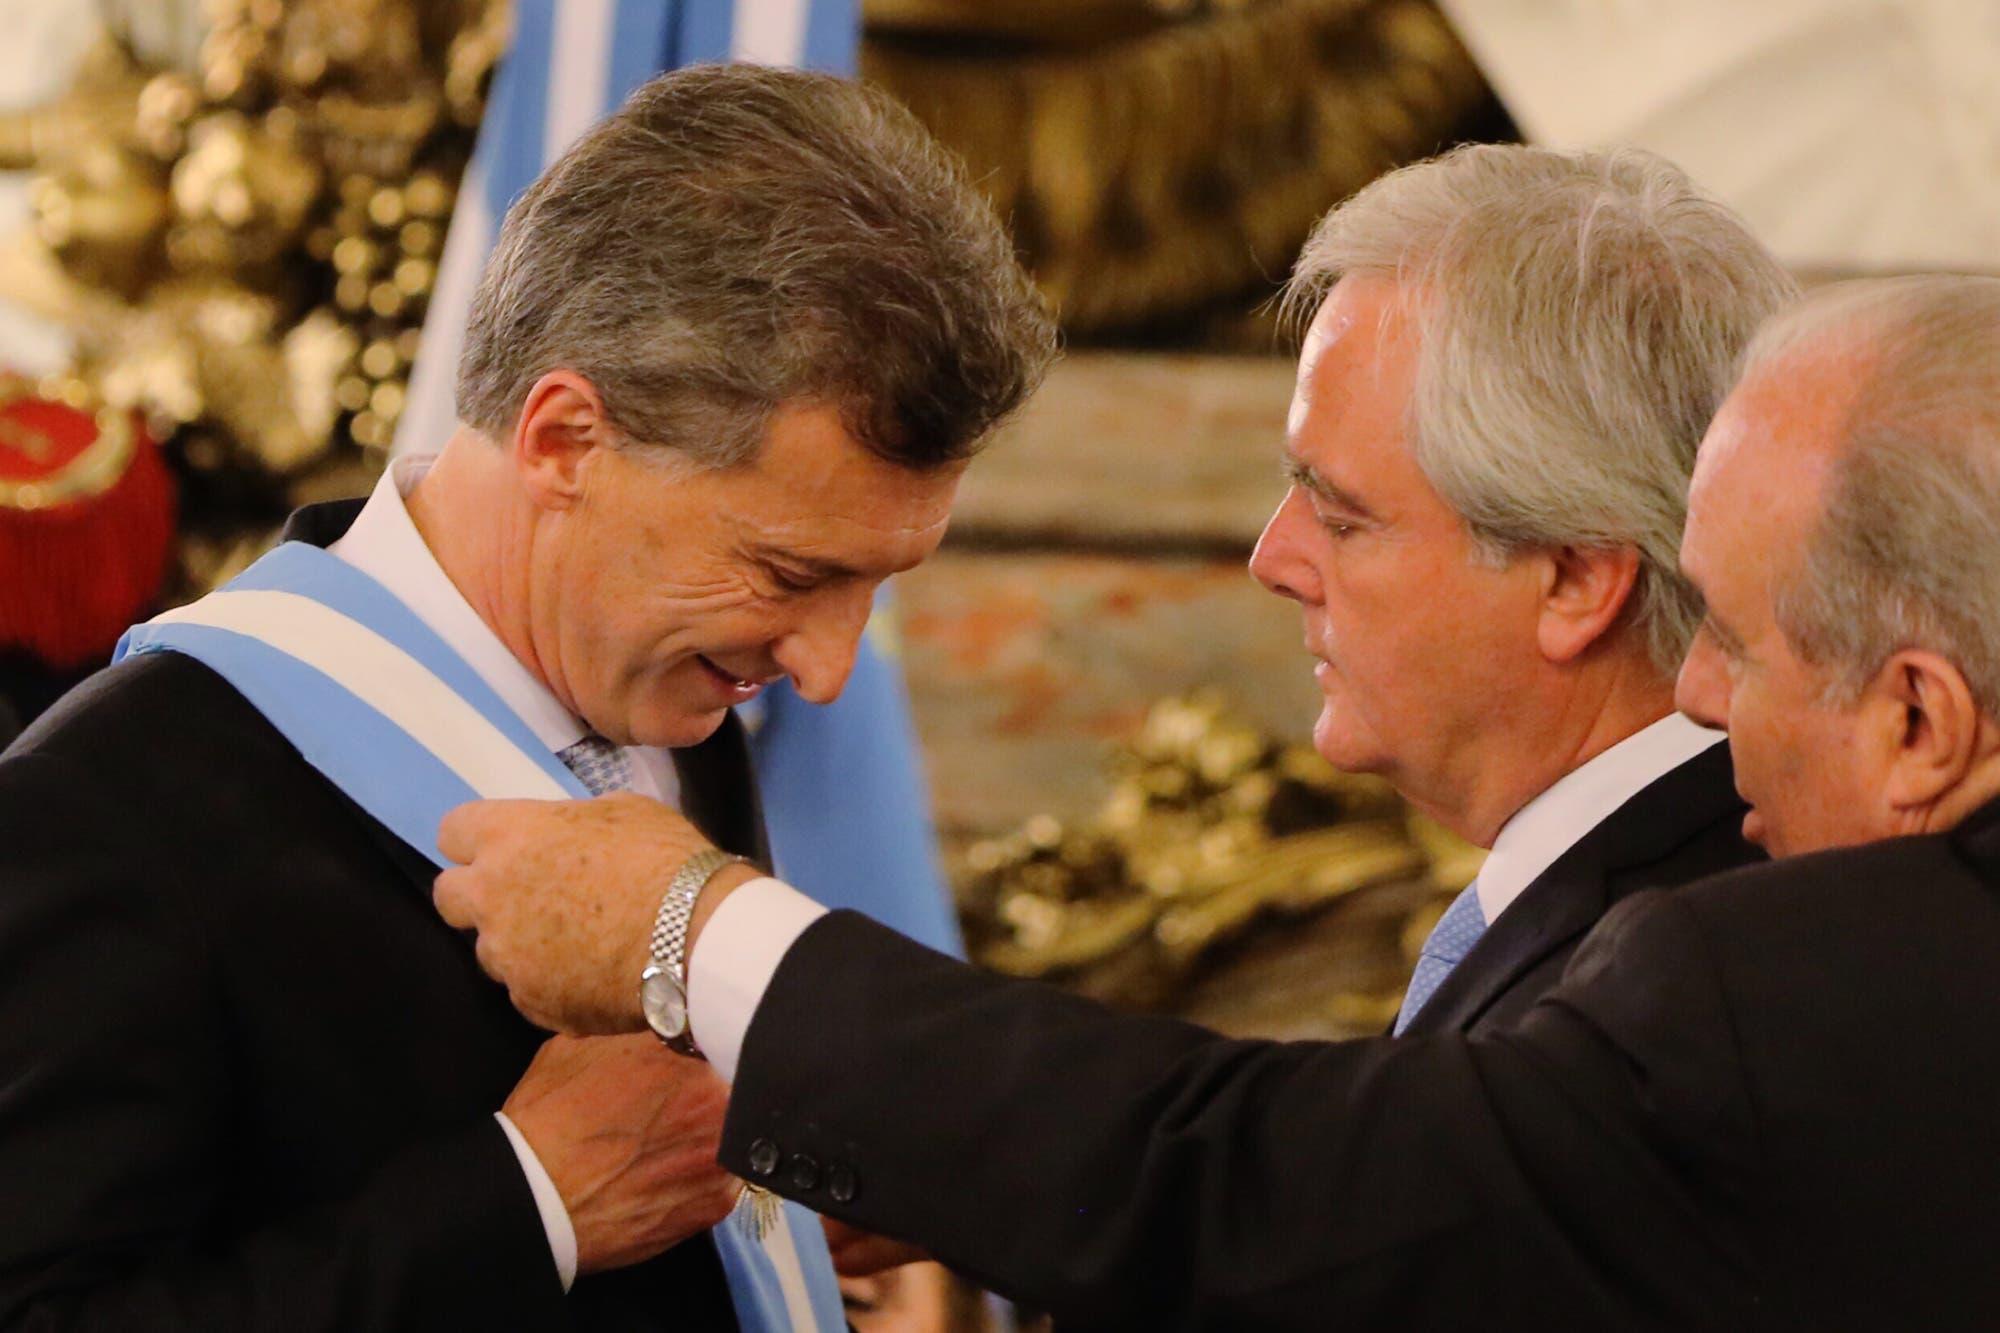 Cristina Kirchner se sinceró sobre lo ocurrido en el frustrado paso de mando con Macri